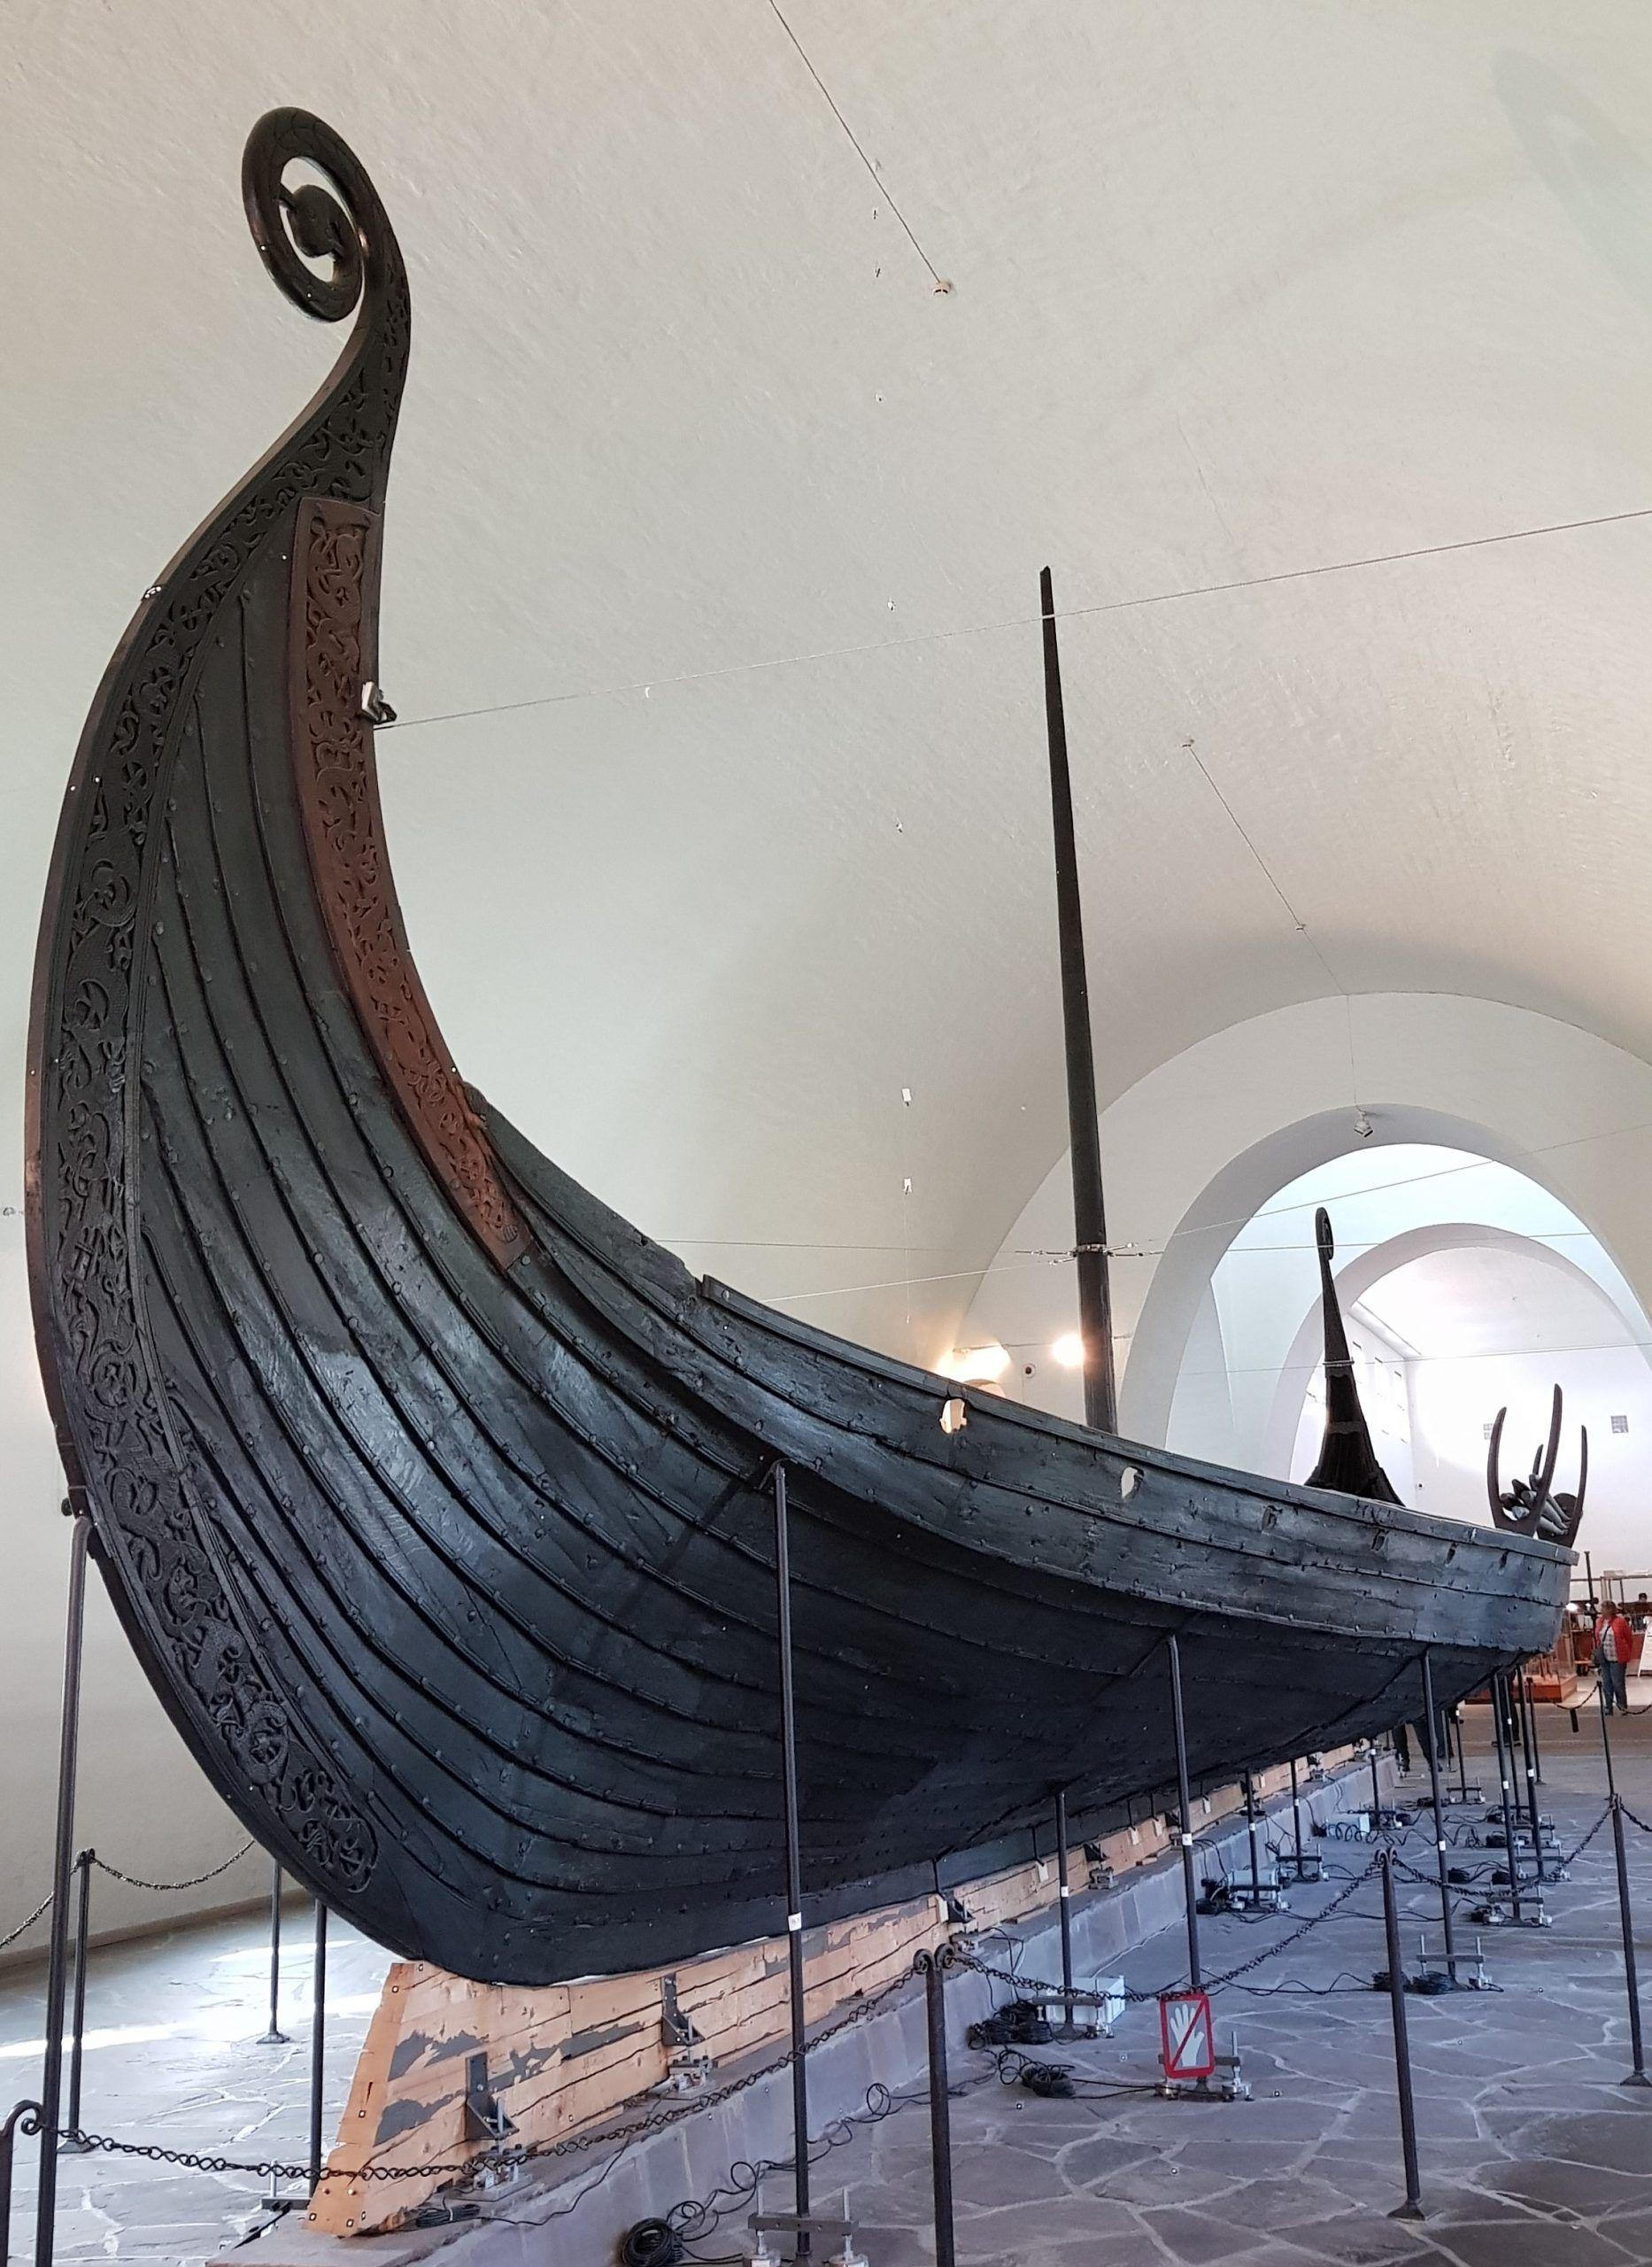 Barcos Vikingos mejor conservados en Oslo